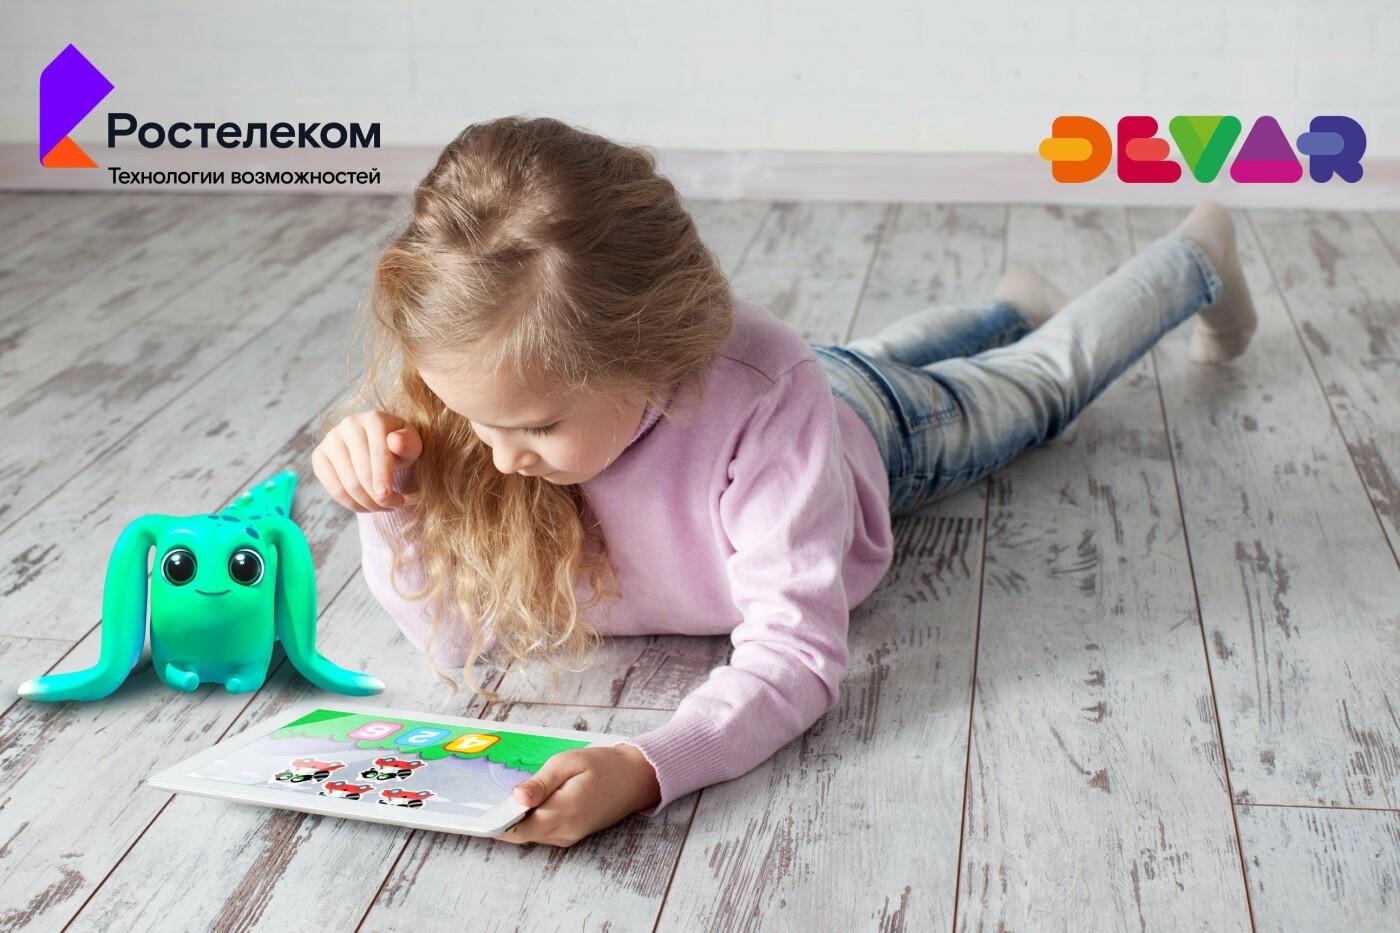 «Ростелеком» и Devar представляют интерактивную платформу для детей с технологиями AR и AI, фото-1